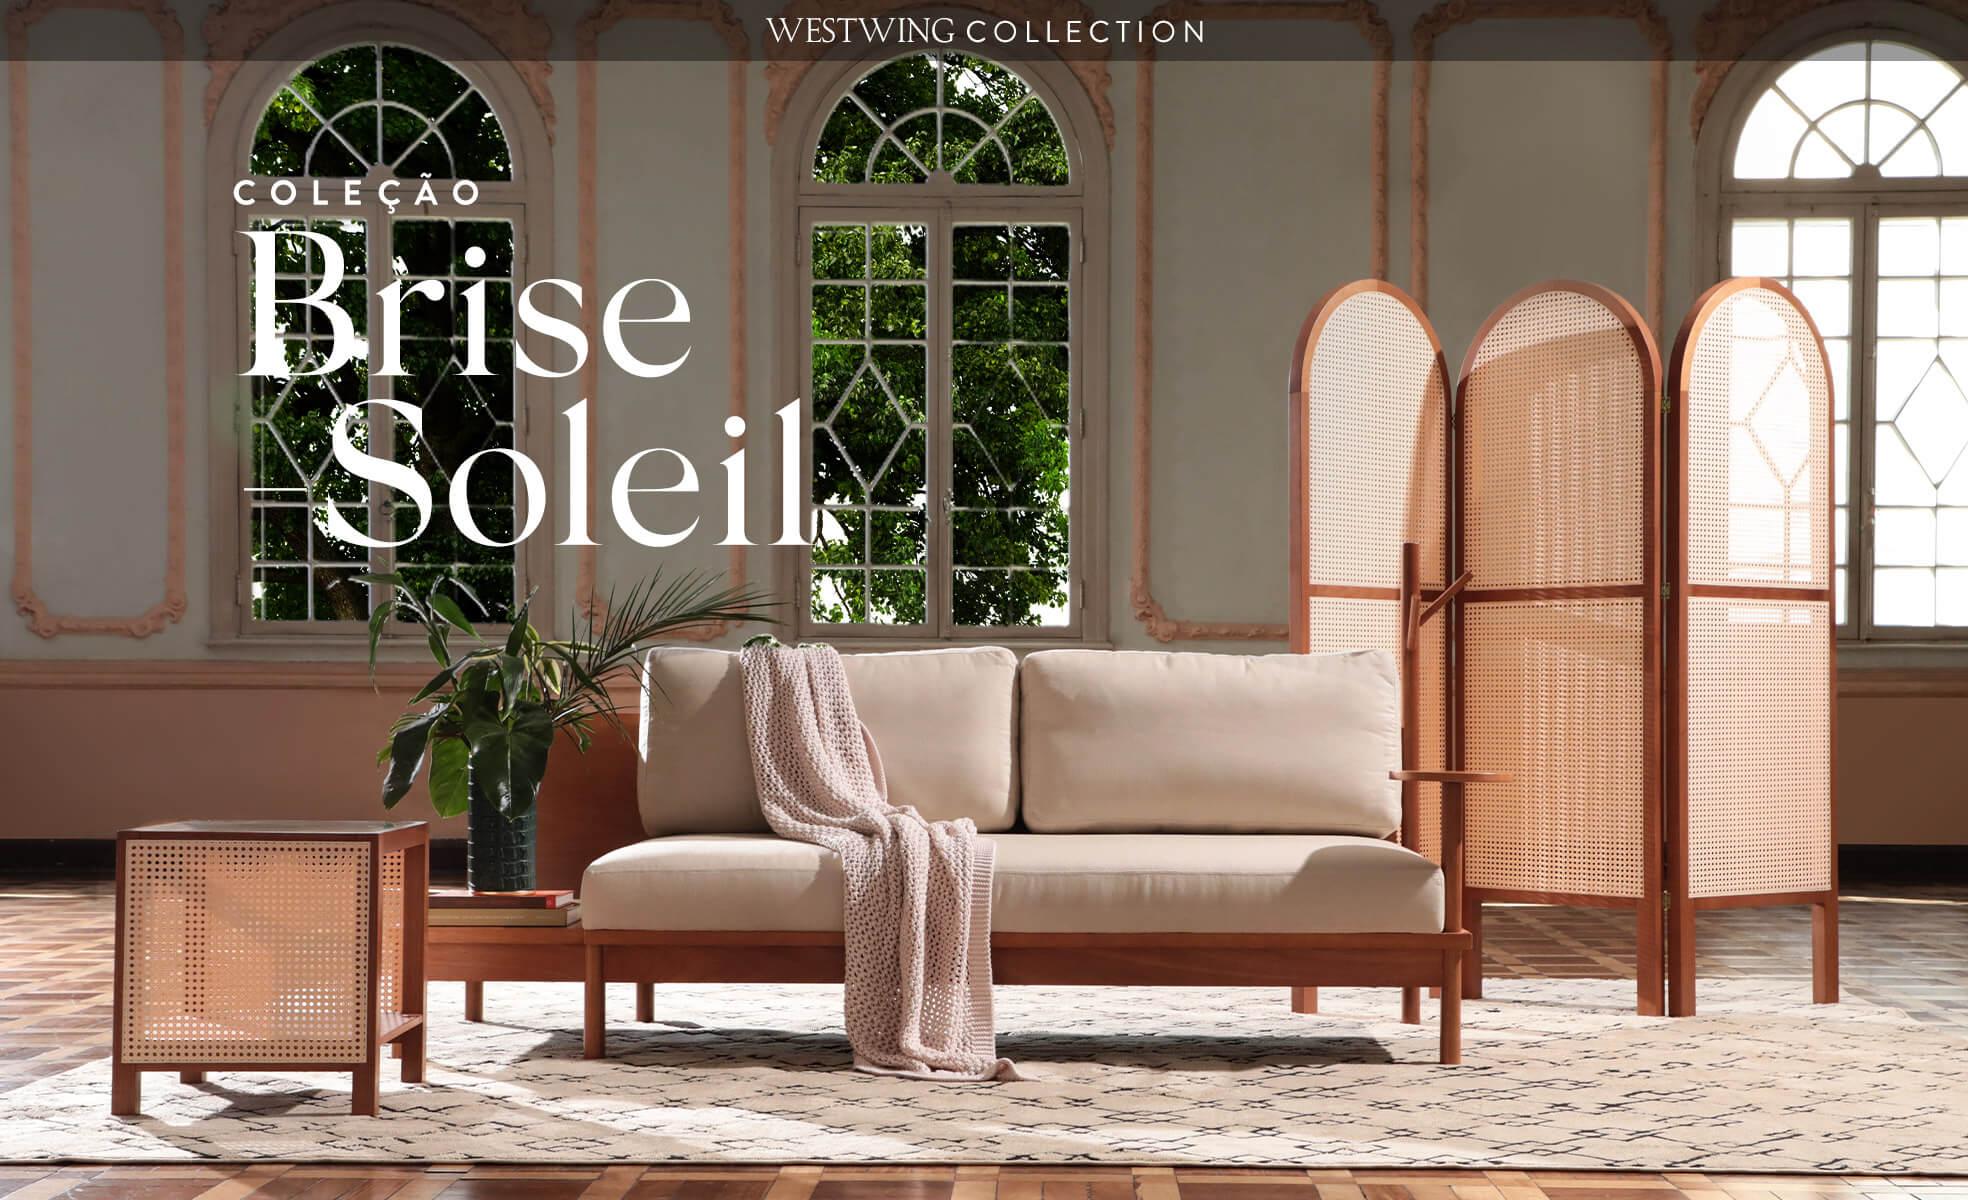 westwing collection, madeira e palhinha, brise soleil, mobiliário brasileiro | westwing.com.br